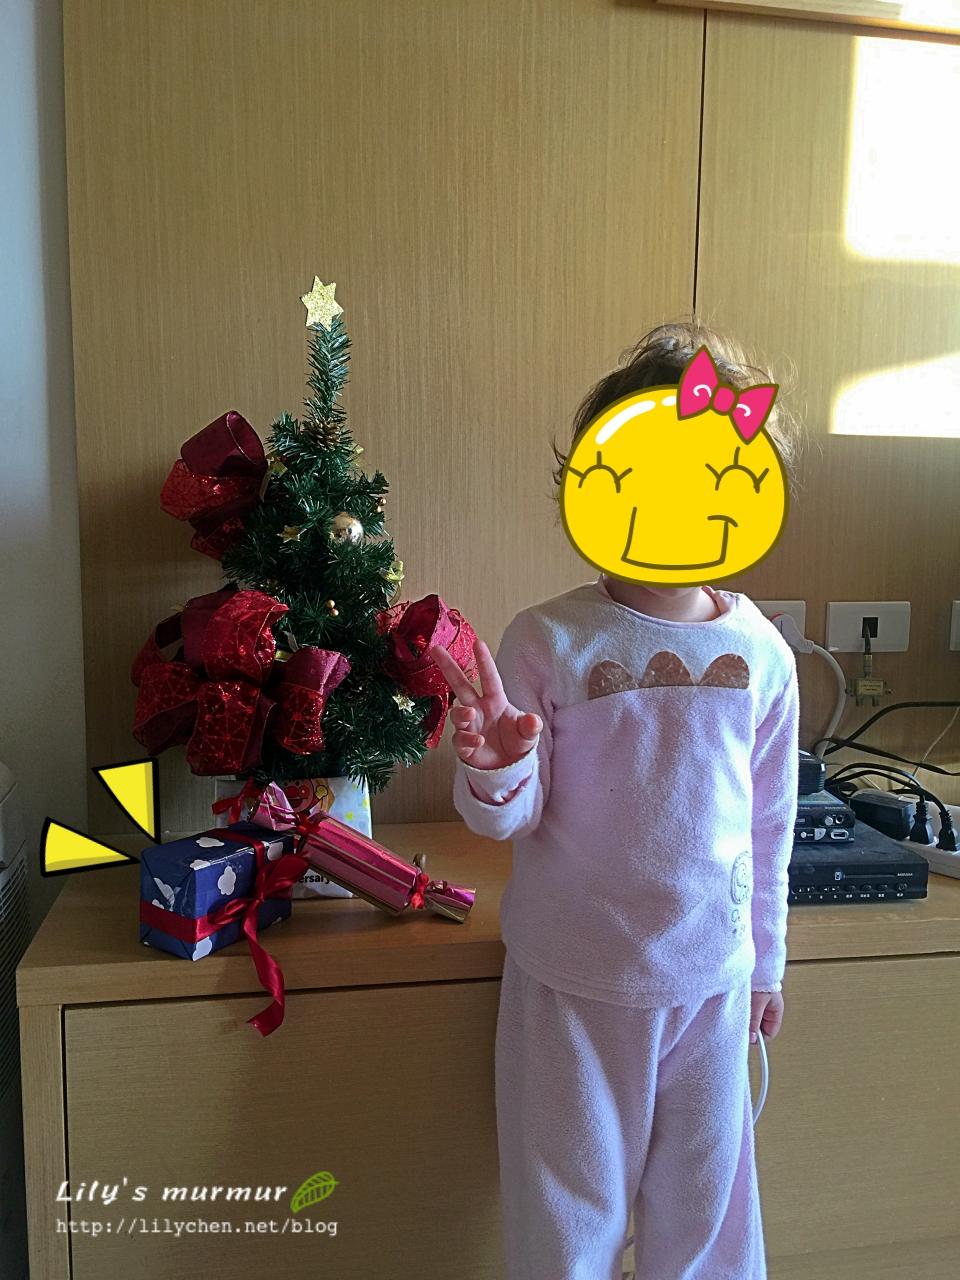 小小的耶誕樹跟弱弱的禮物,但小妮卻很開心呢!